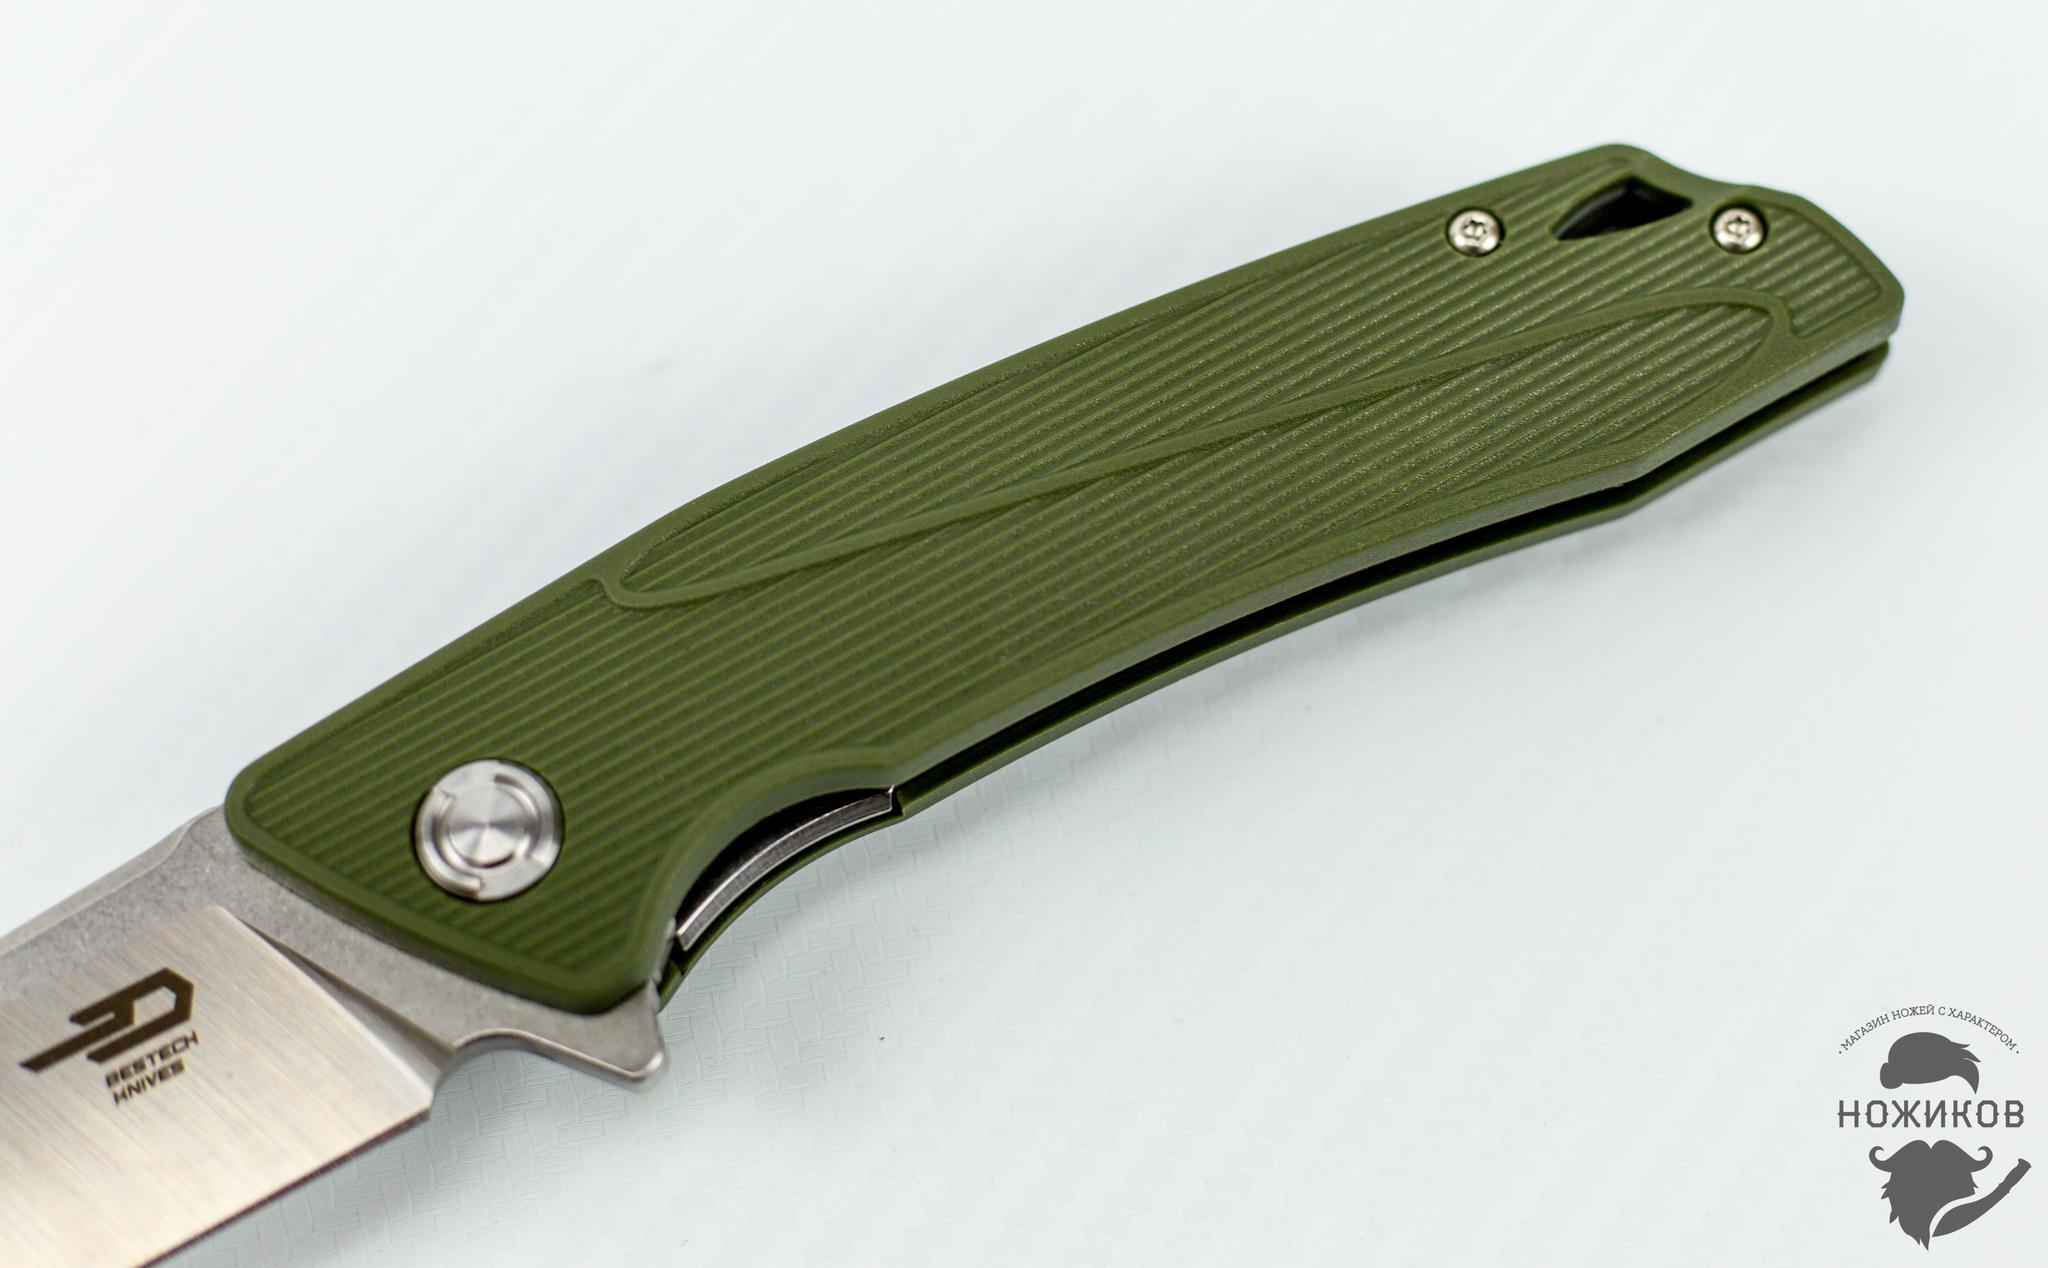 Фото 5 - Складной нож Bestech Spike BG09B-2, сталь Sandvik 12C27 от Bestech Knives